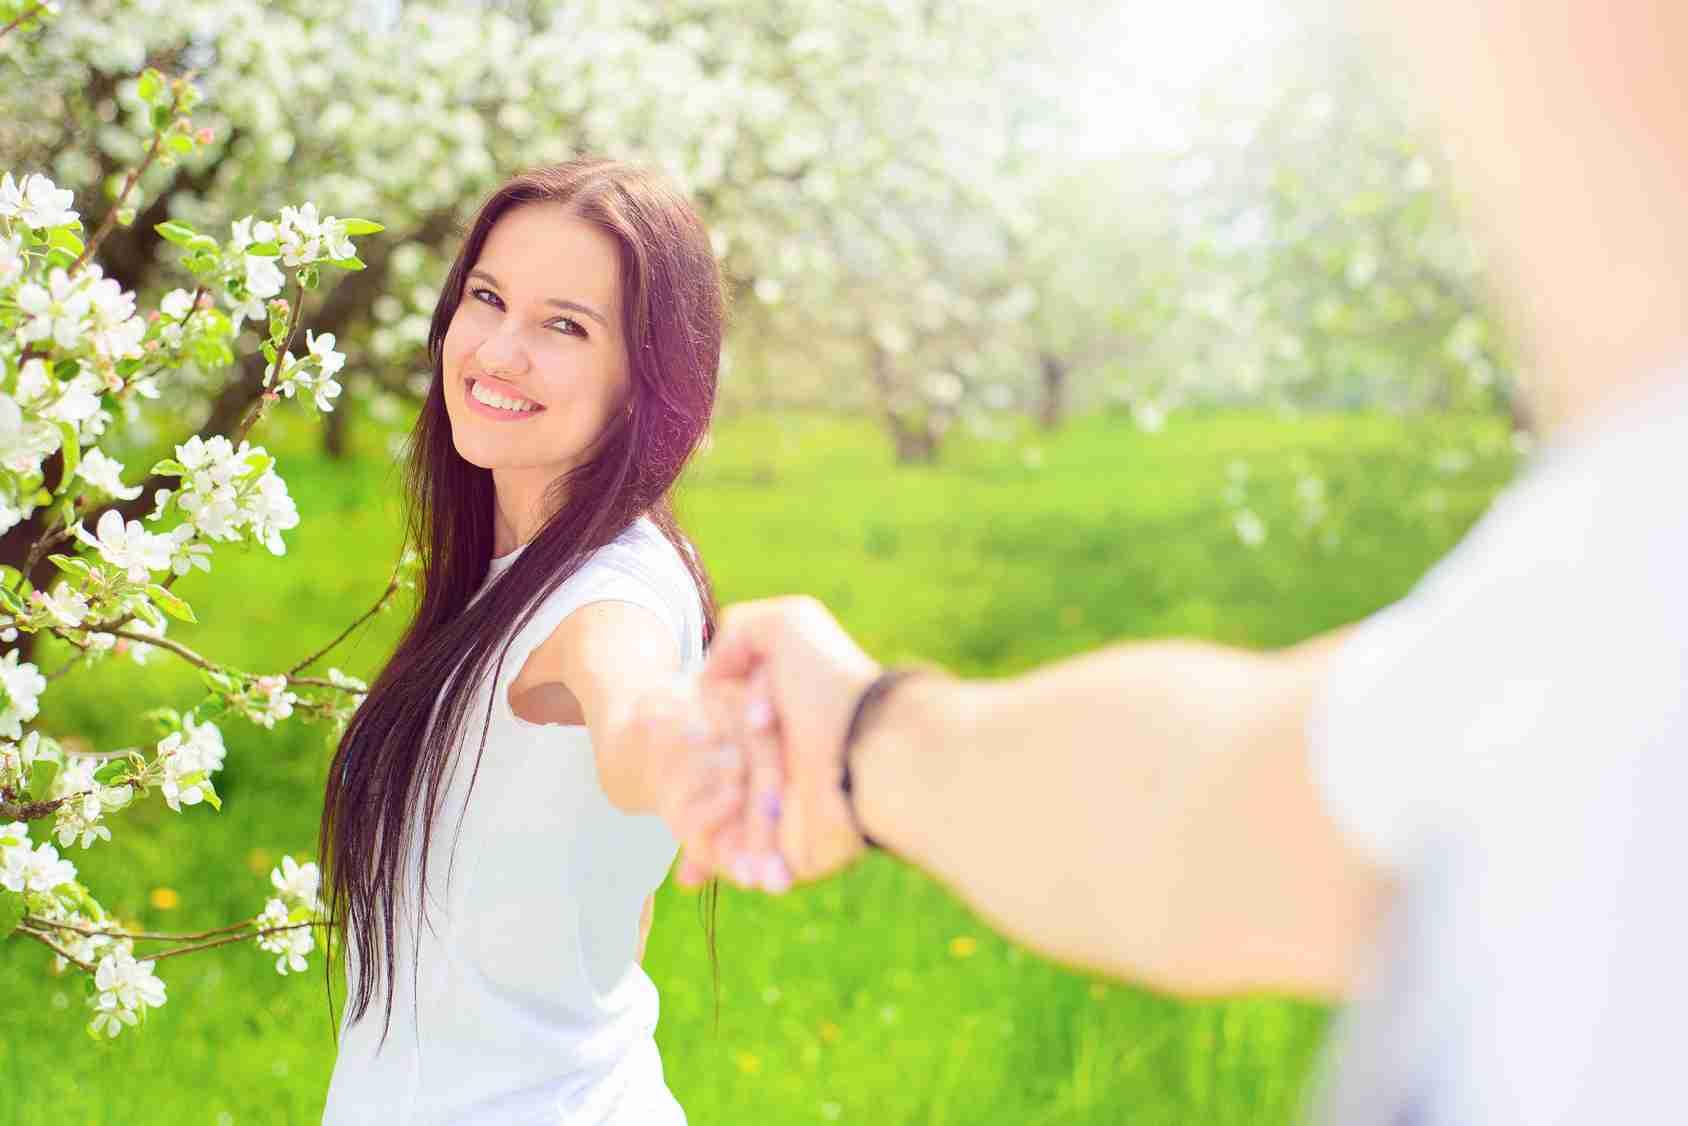 【今がチャンス】「恋人ができた季節」ランキング第1位は春!春が終わってしまう前にLOVEを探しに出かけましょう